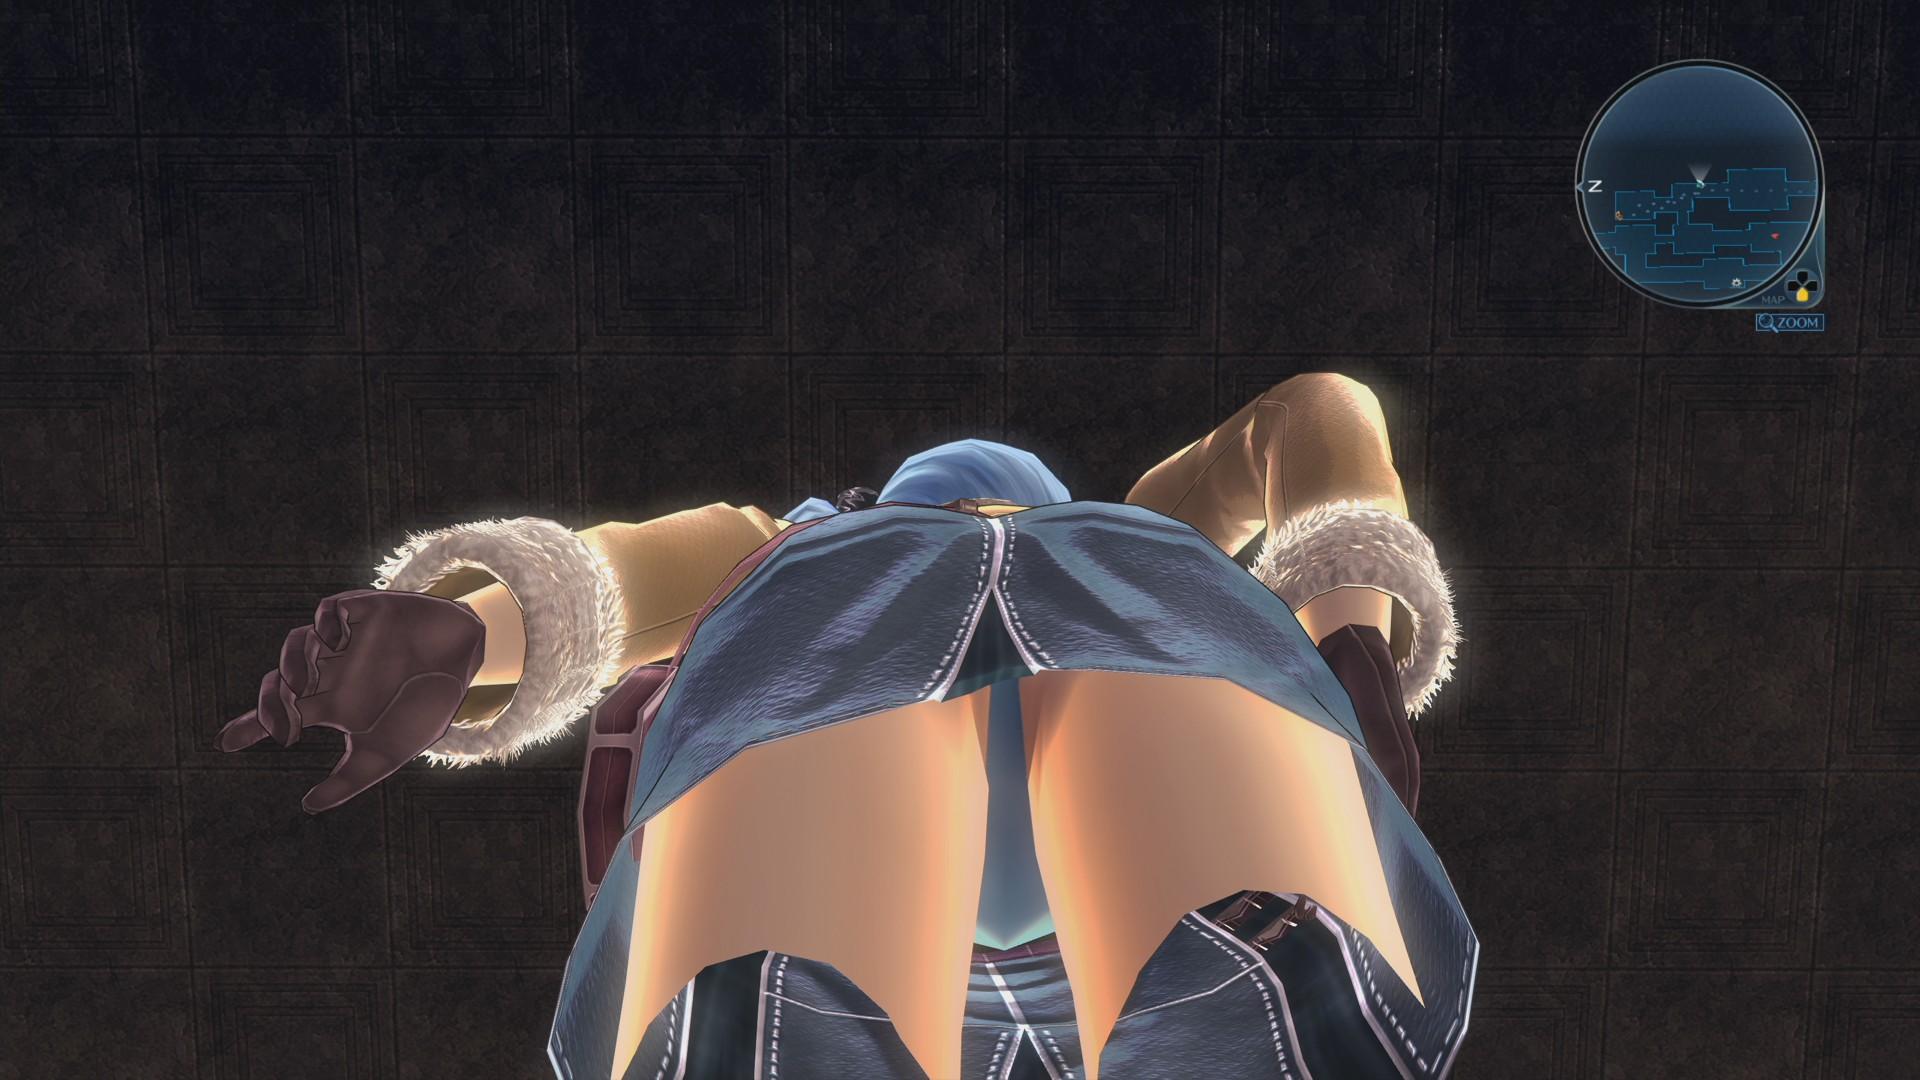 クレアのパンツ画像